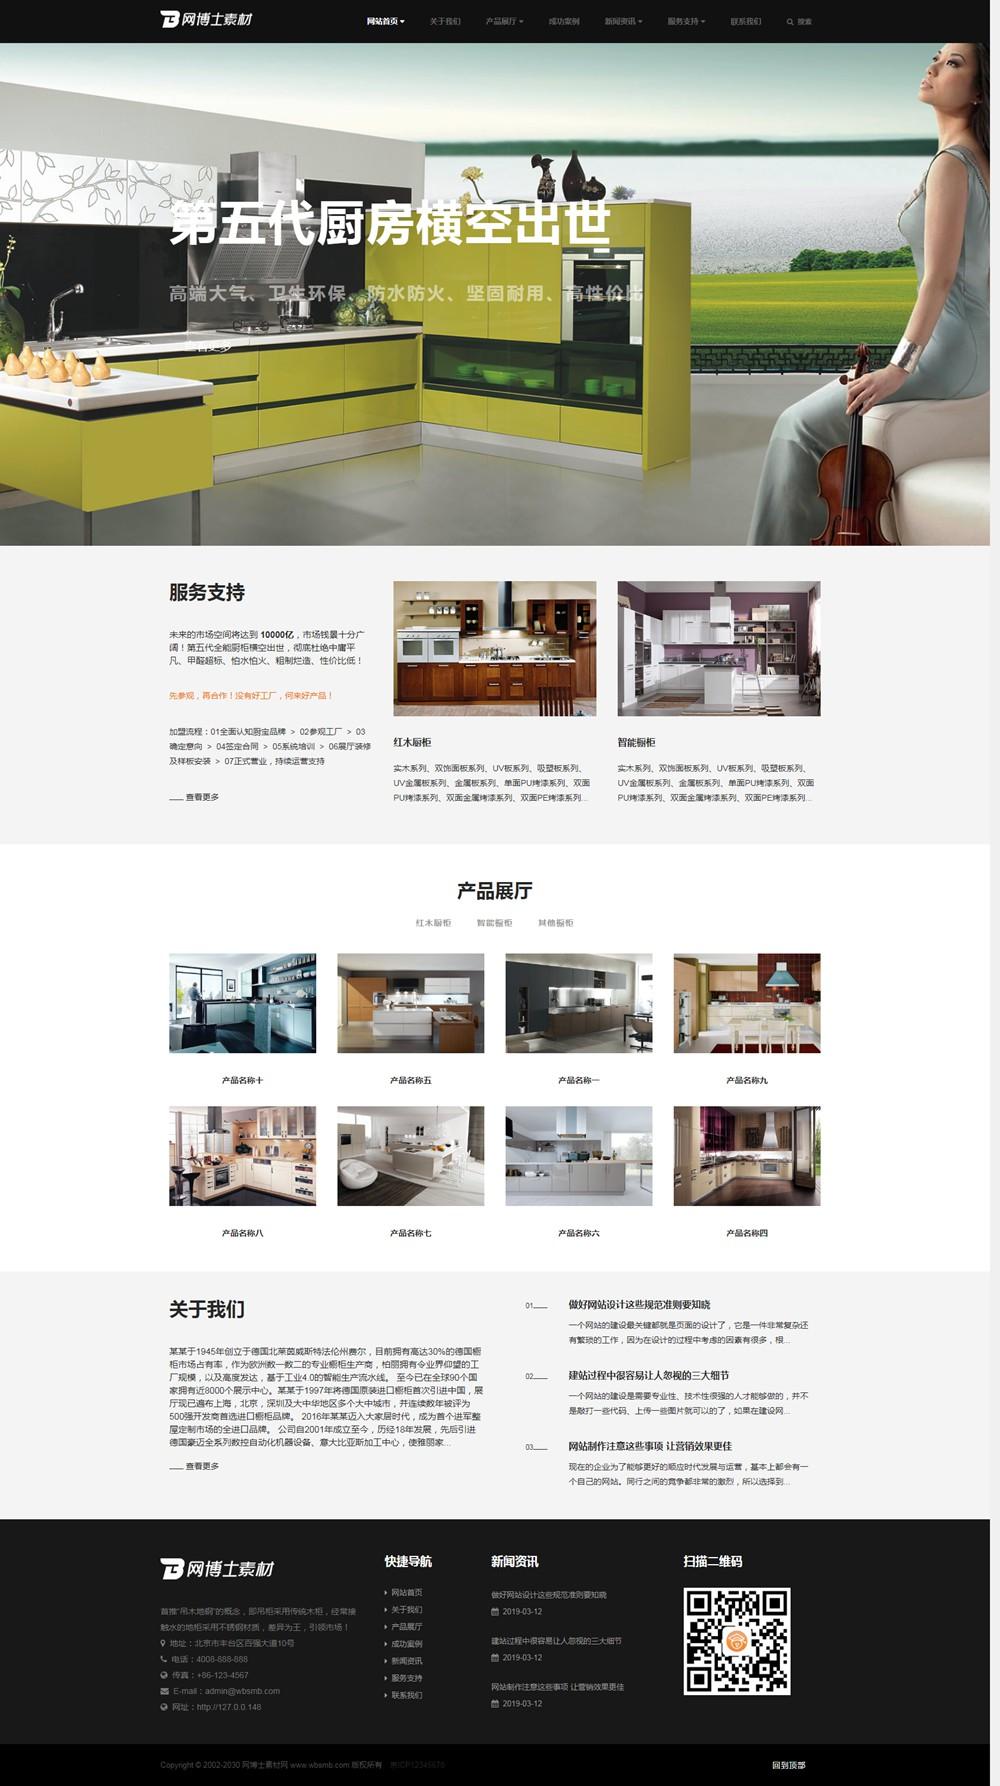 (自适应手机版)响应式智能家居橱柜设计类网站织梦模板 HTML5厨房装修设计网站源码